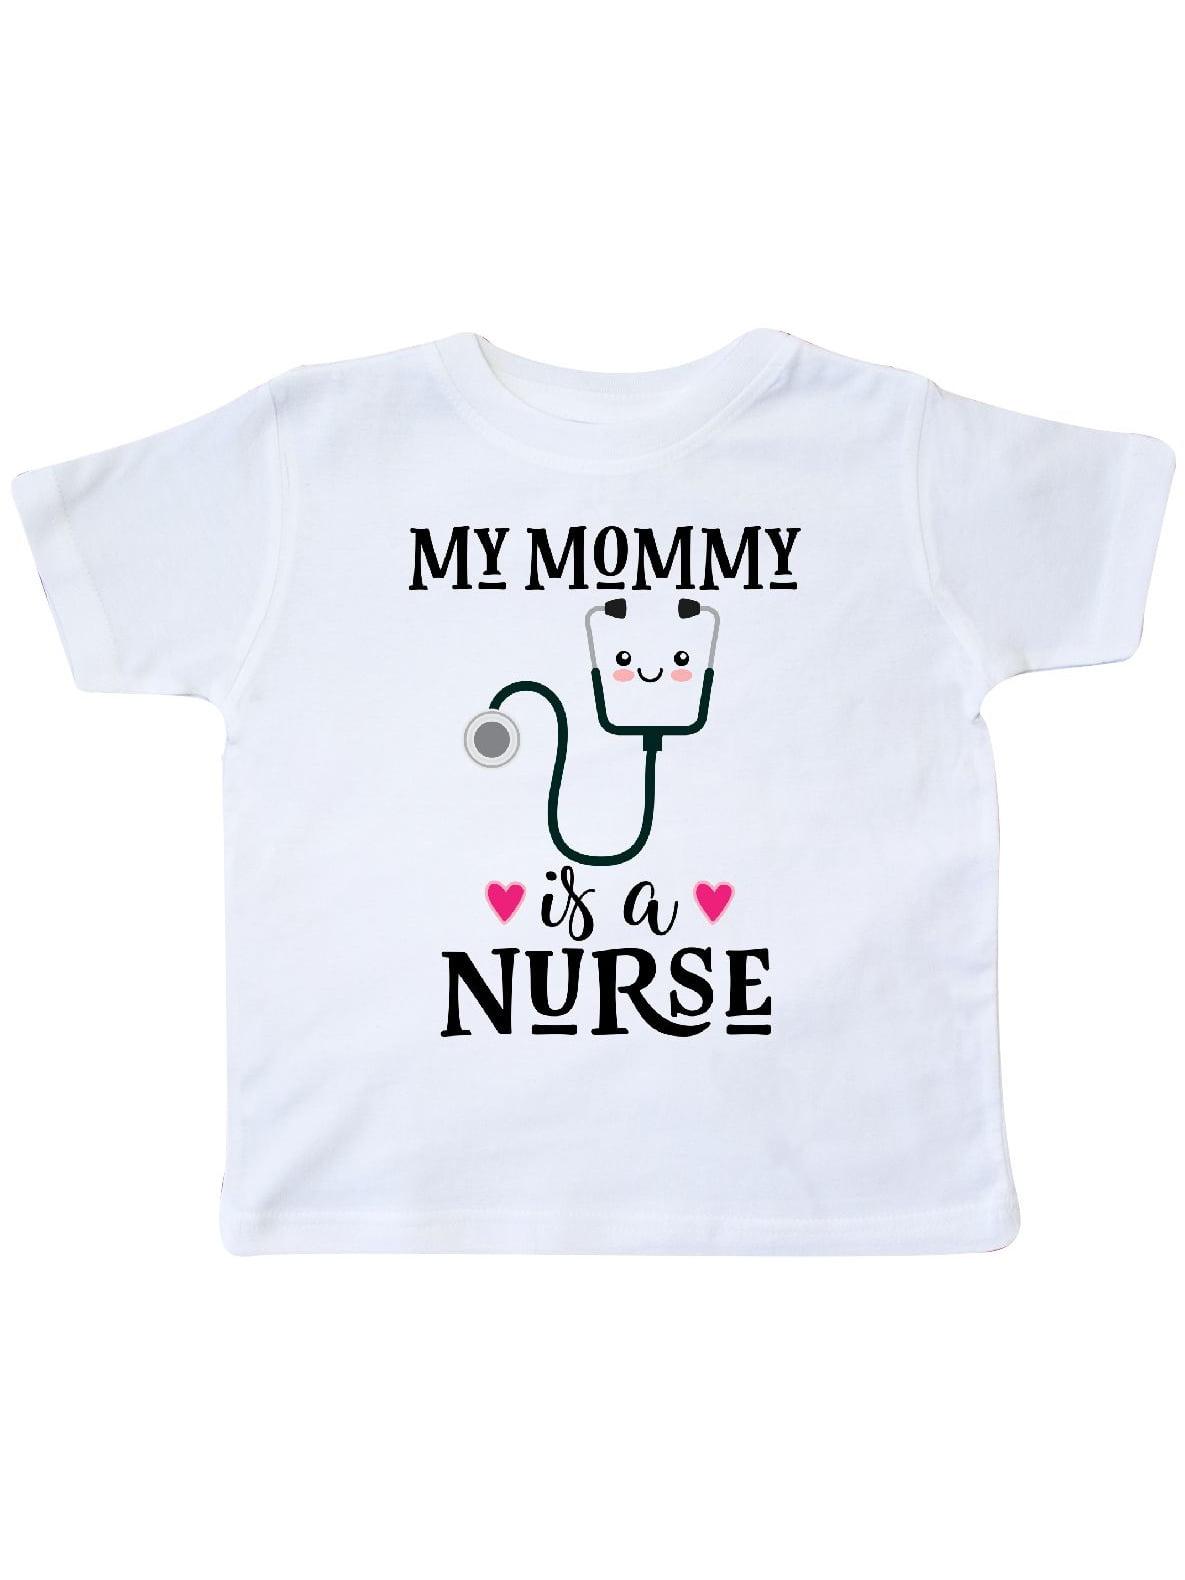 Nurse Mom Kids Nursing Toddler T-Shirt